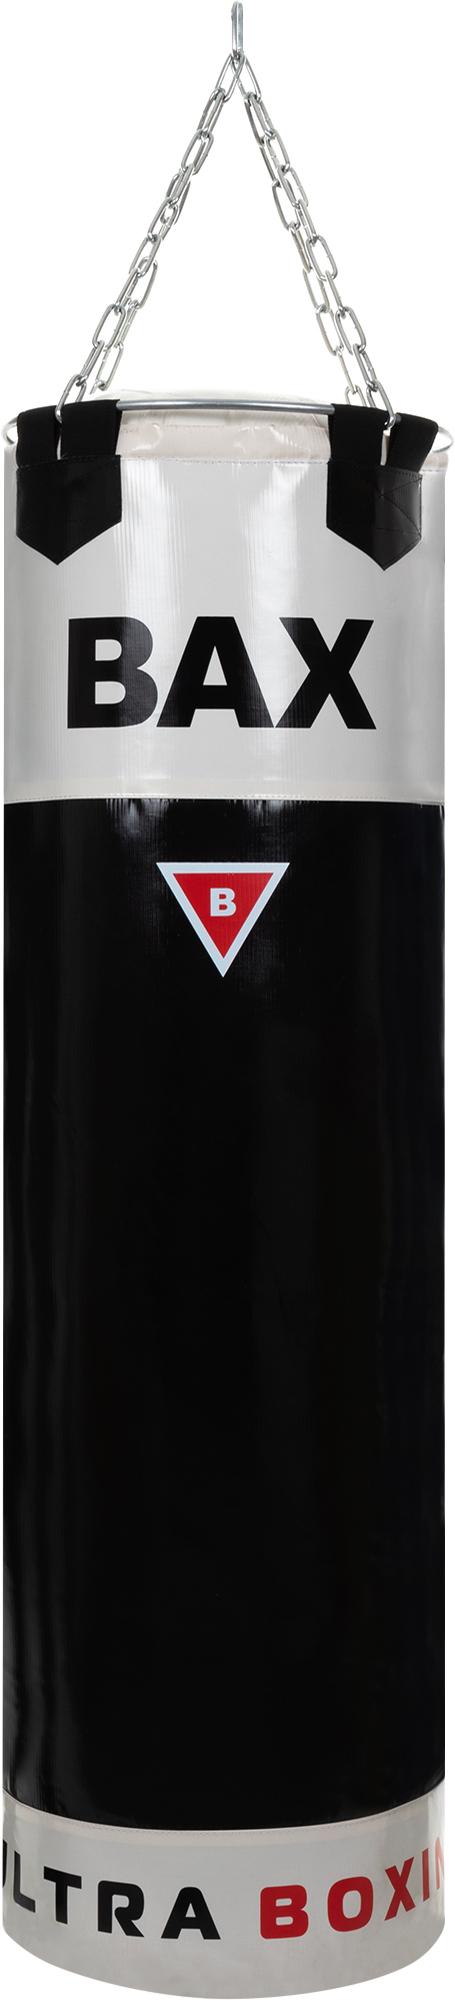 Bax Мешок набивной Bax, 60 кг